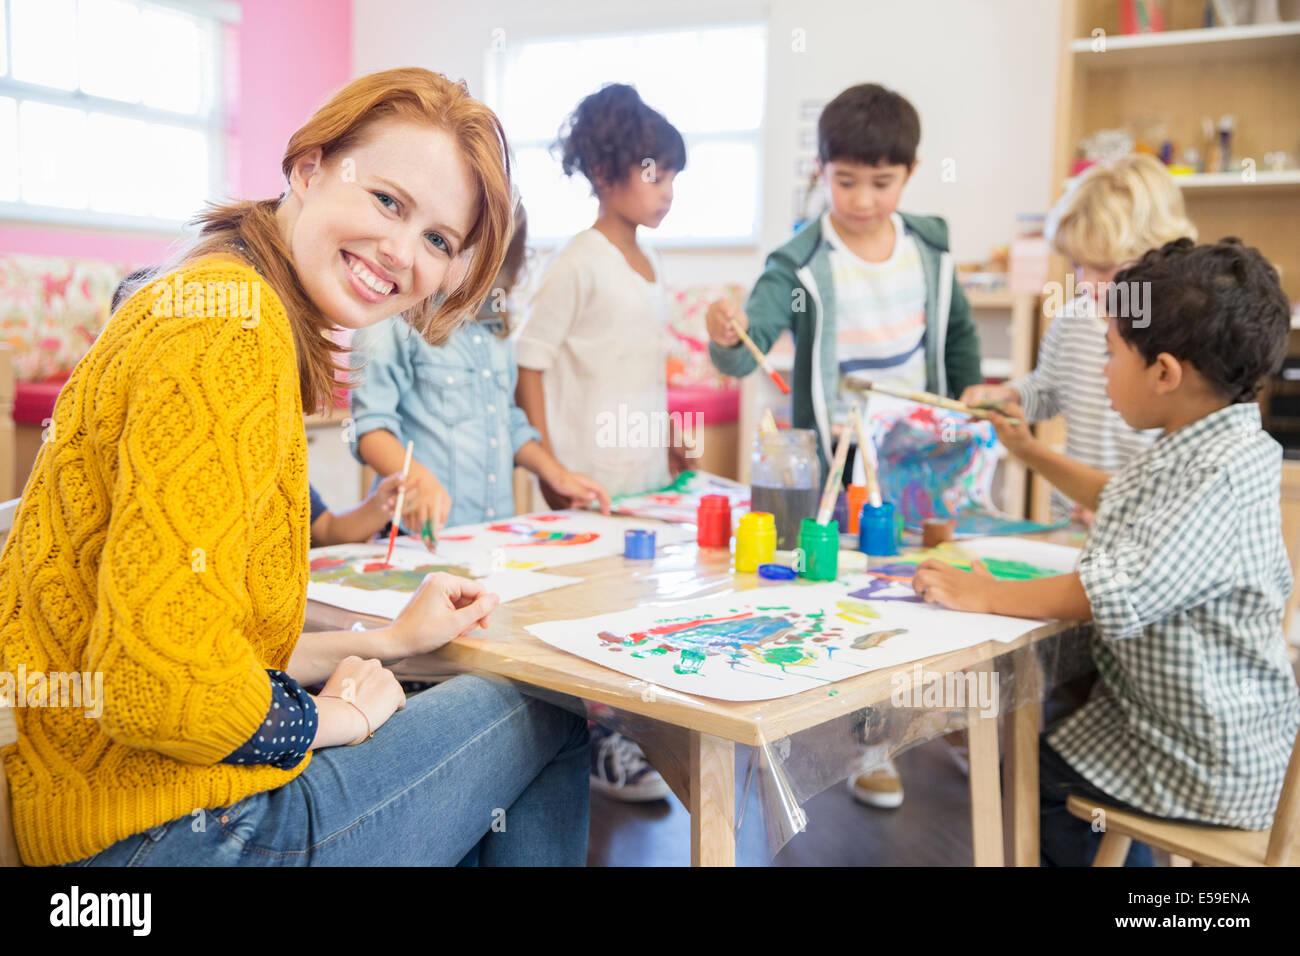 Lehrer und Schüler im Klassenzimmer Malerei Stockbild